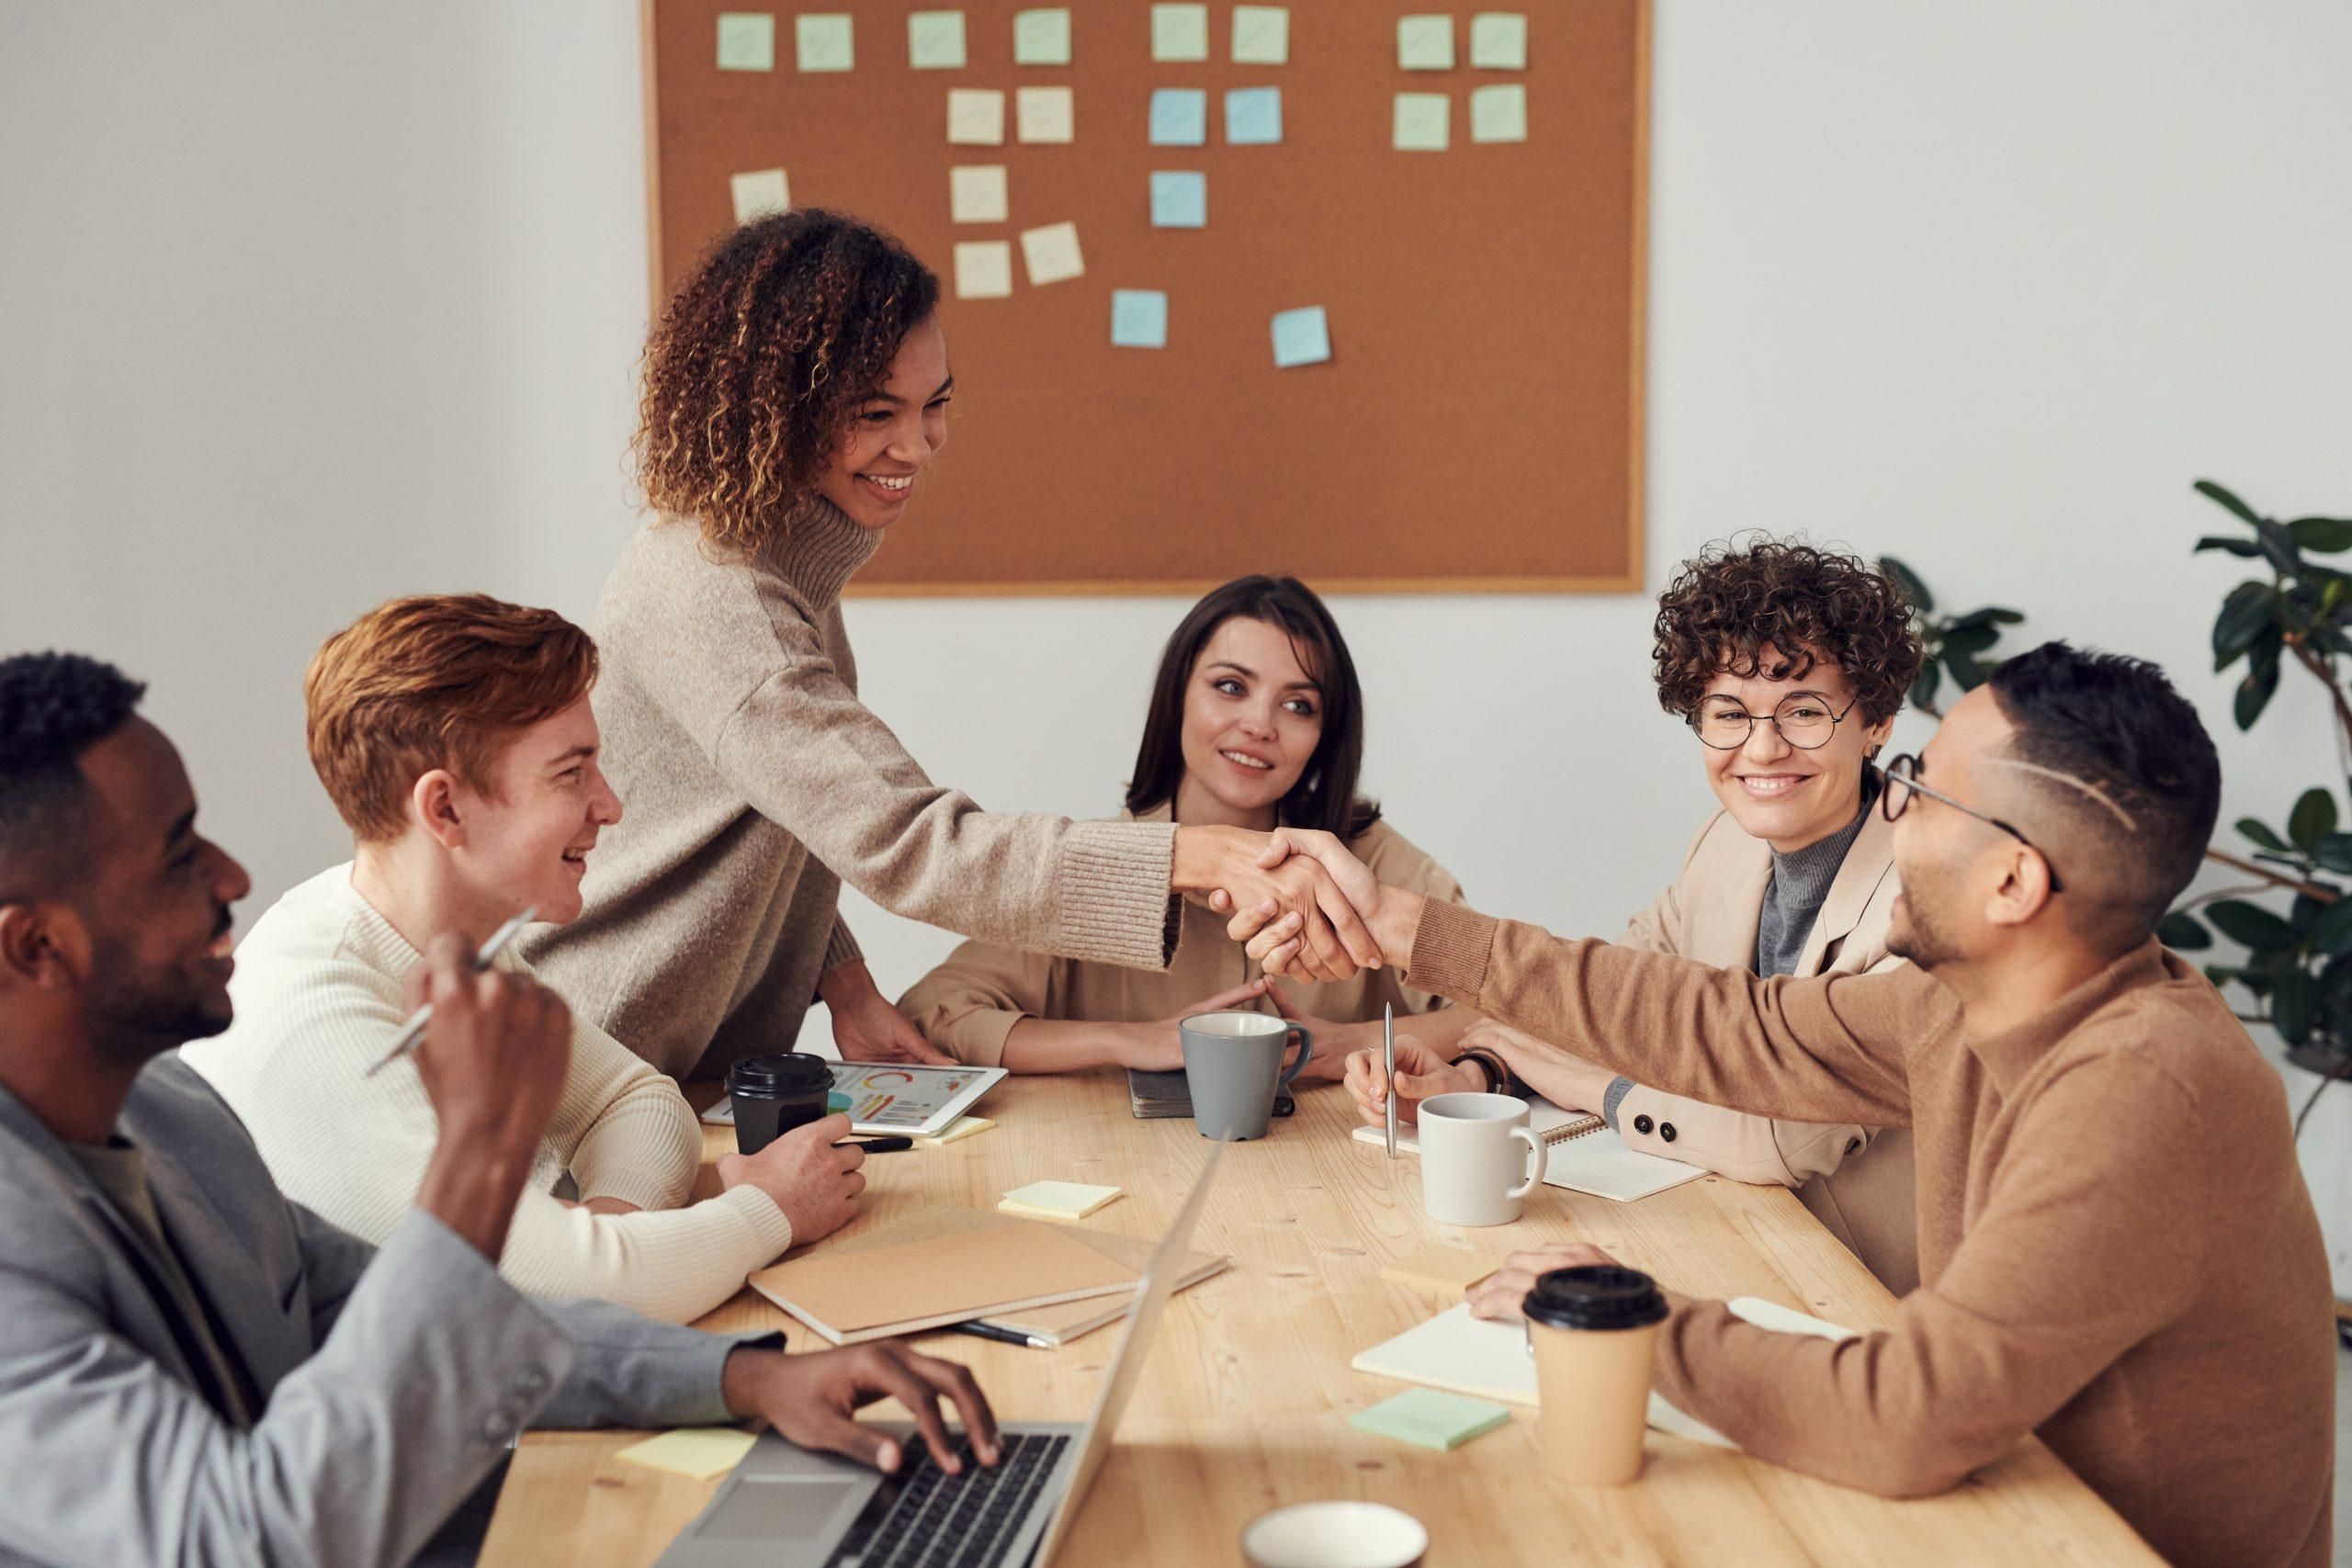 happy customers shake hands satisfaction